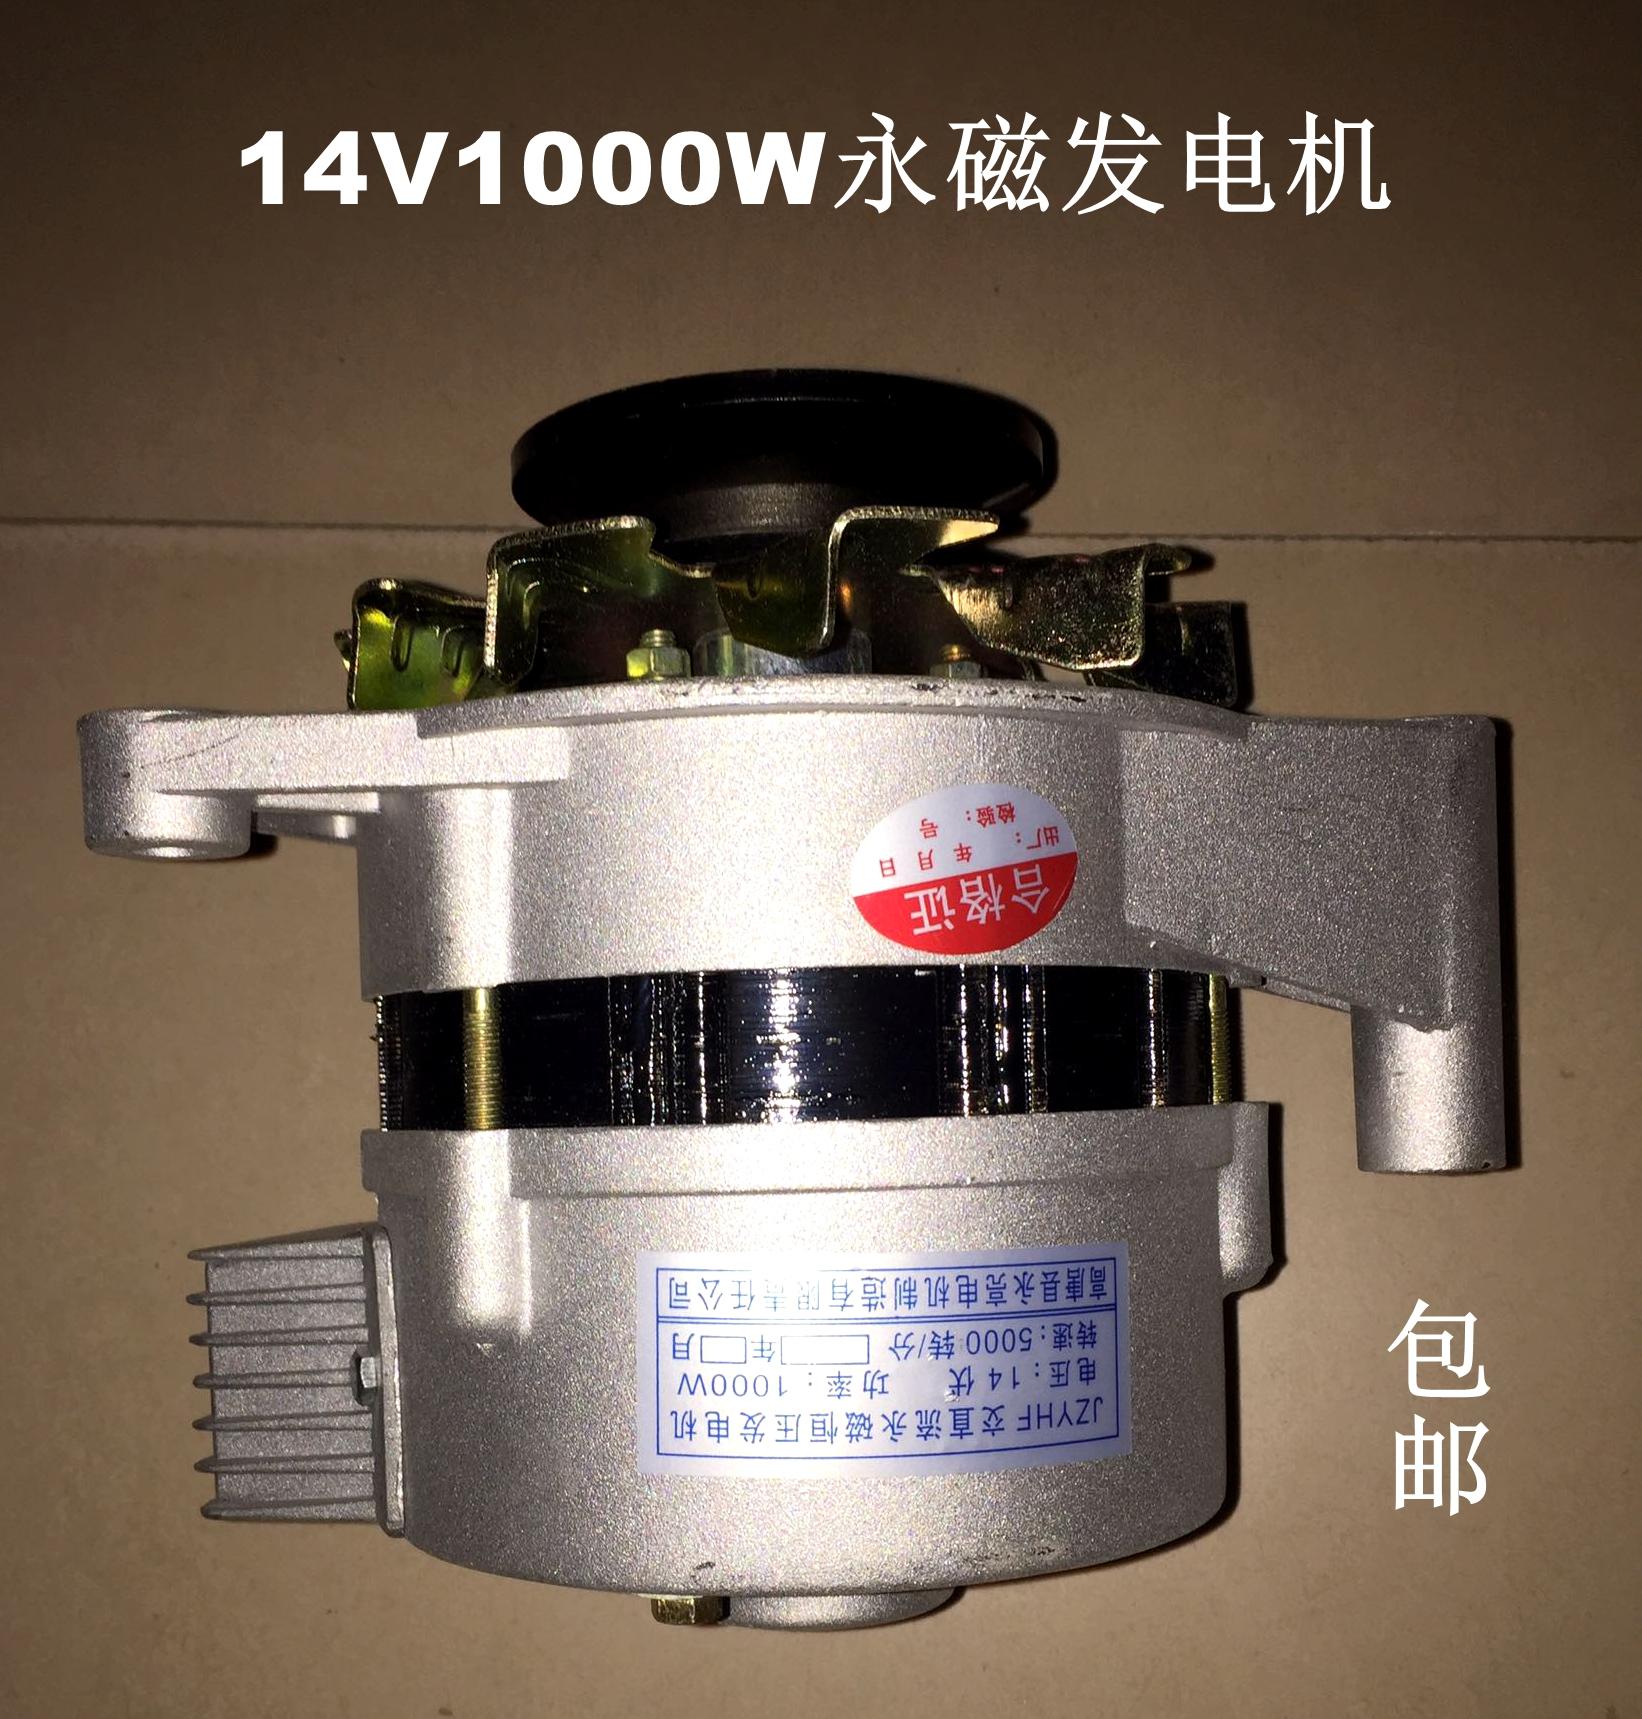 Генератор 14V500W мощность транспортного средства 12V заряд батареи j AC и DC двухцелевой постоянный магнит электрический генератор бесплатная доставка по китаю